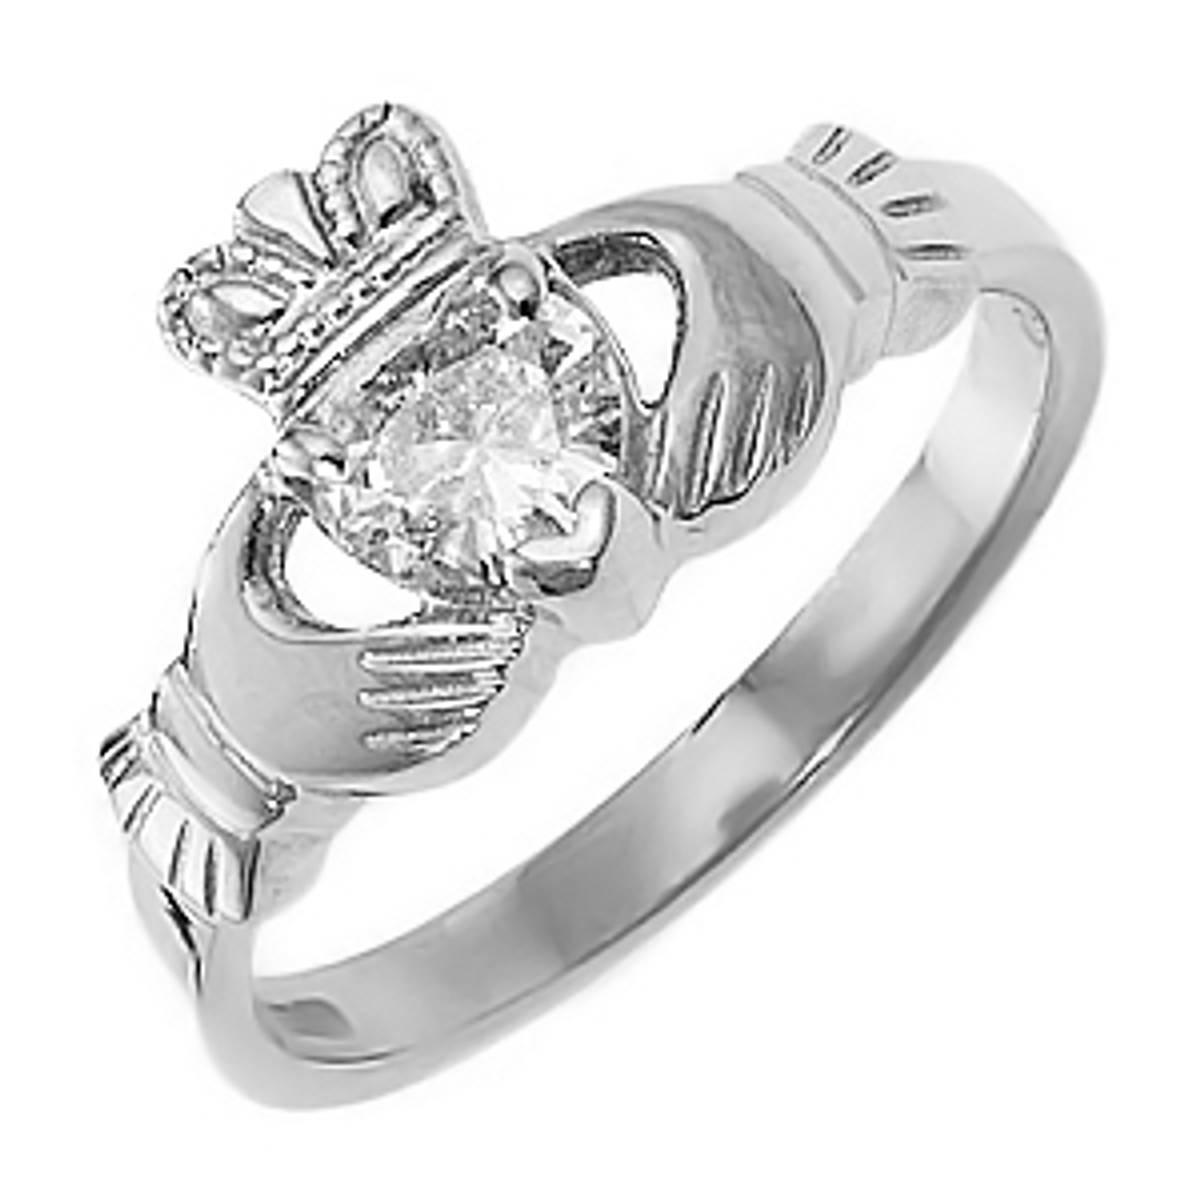 Irish made14ct white gold 0.45ct diamond claddagh engagement ring